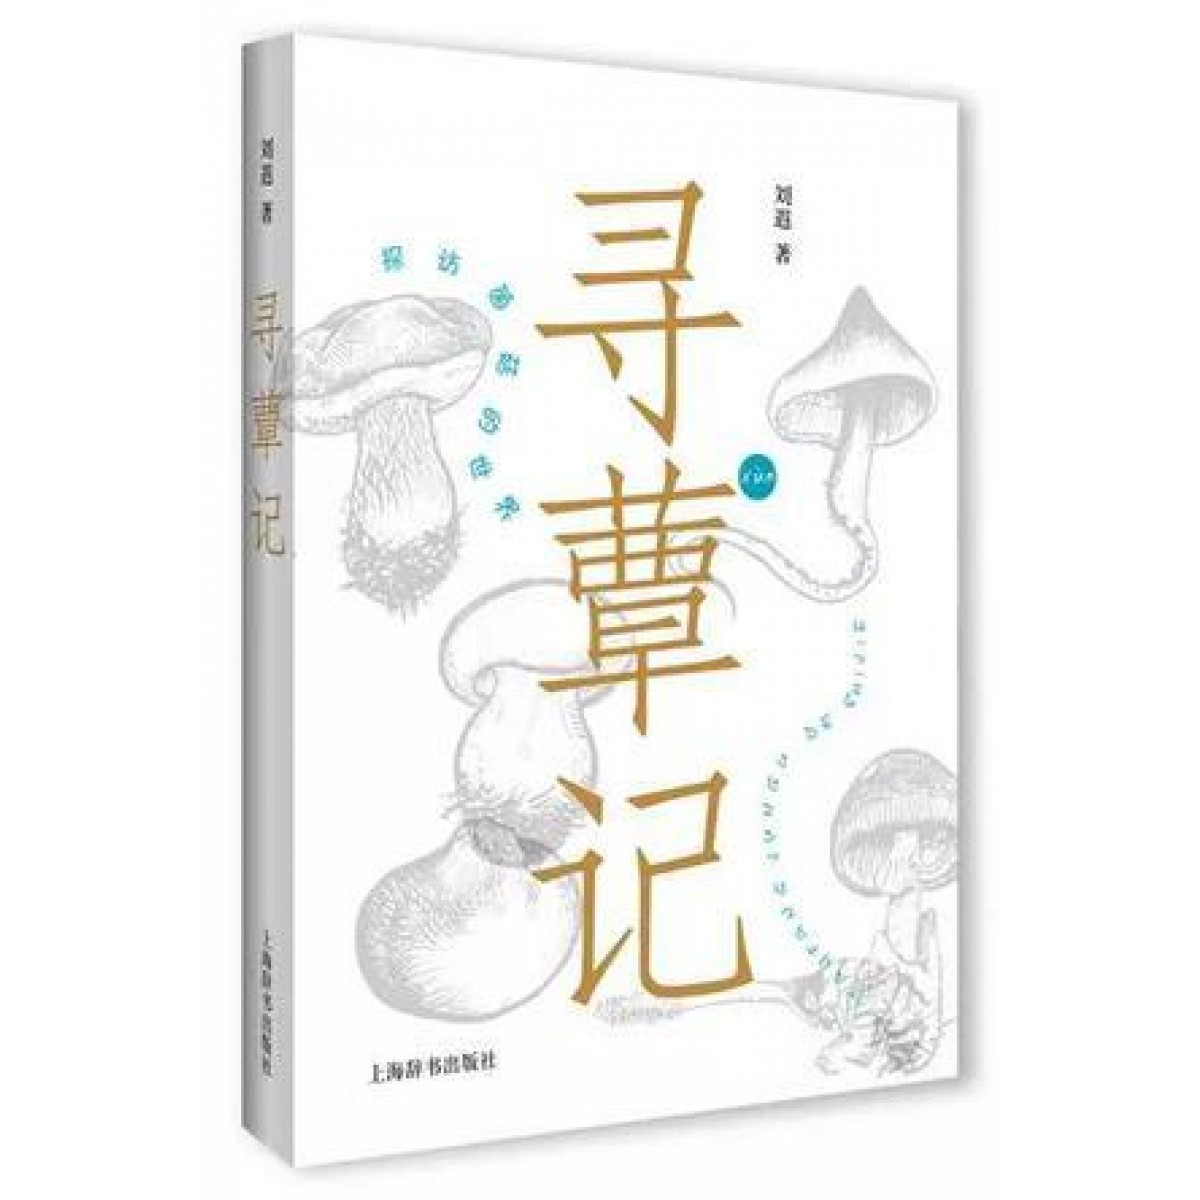 《寻蕈记》 刘遐/著  【特价秒杀20元】